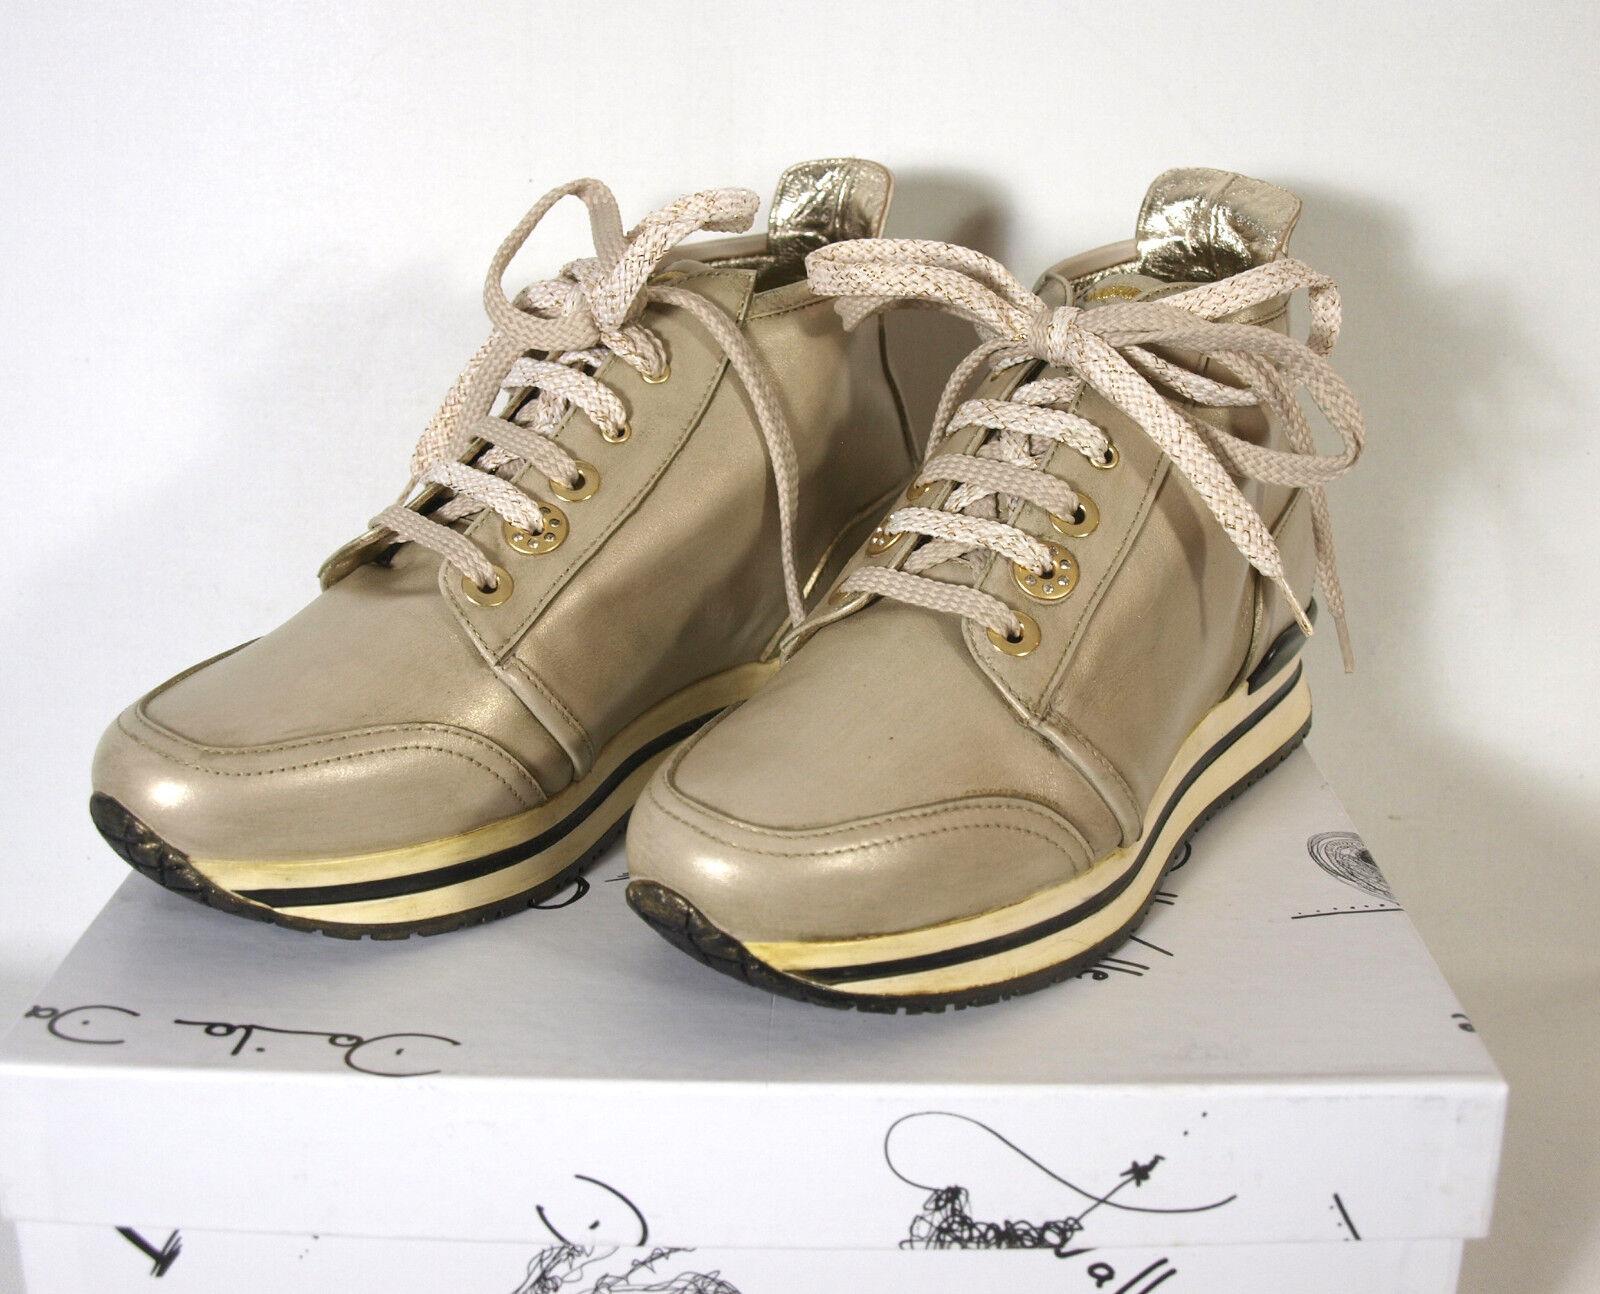 Elisa CAVALETTI Shoes Scarpe euforia Oro Sneaker elw160195503 sale 40 41